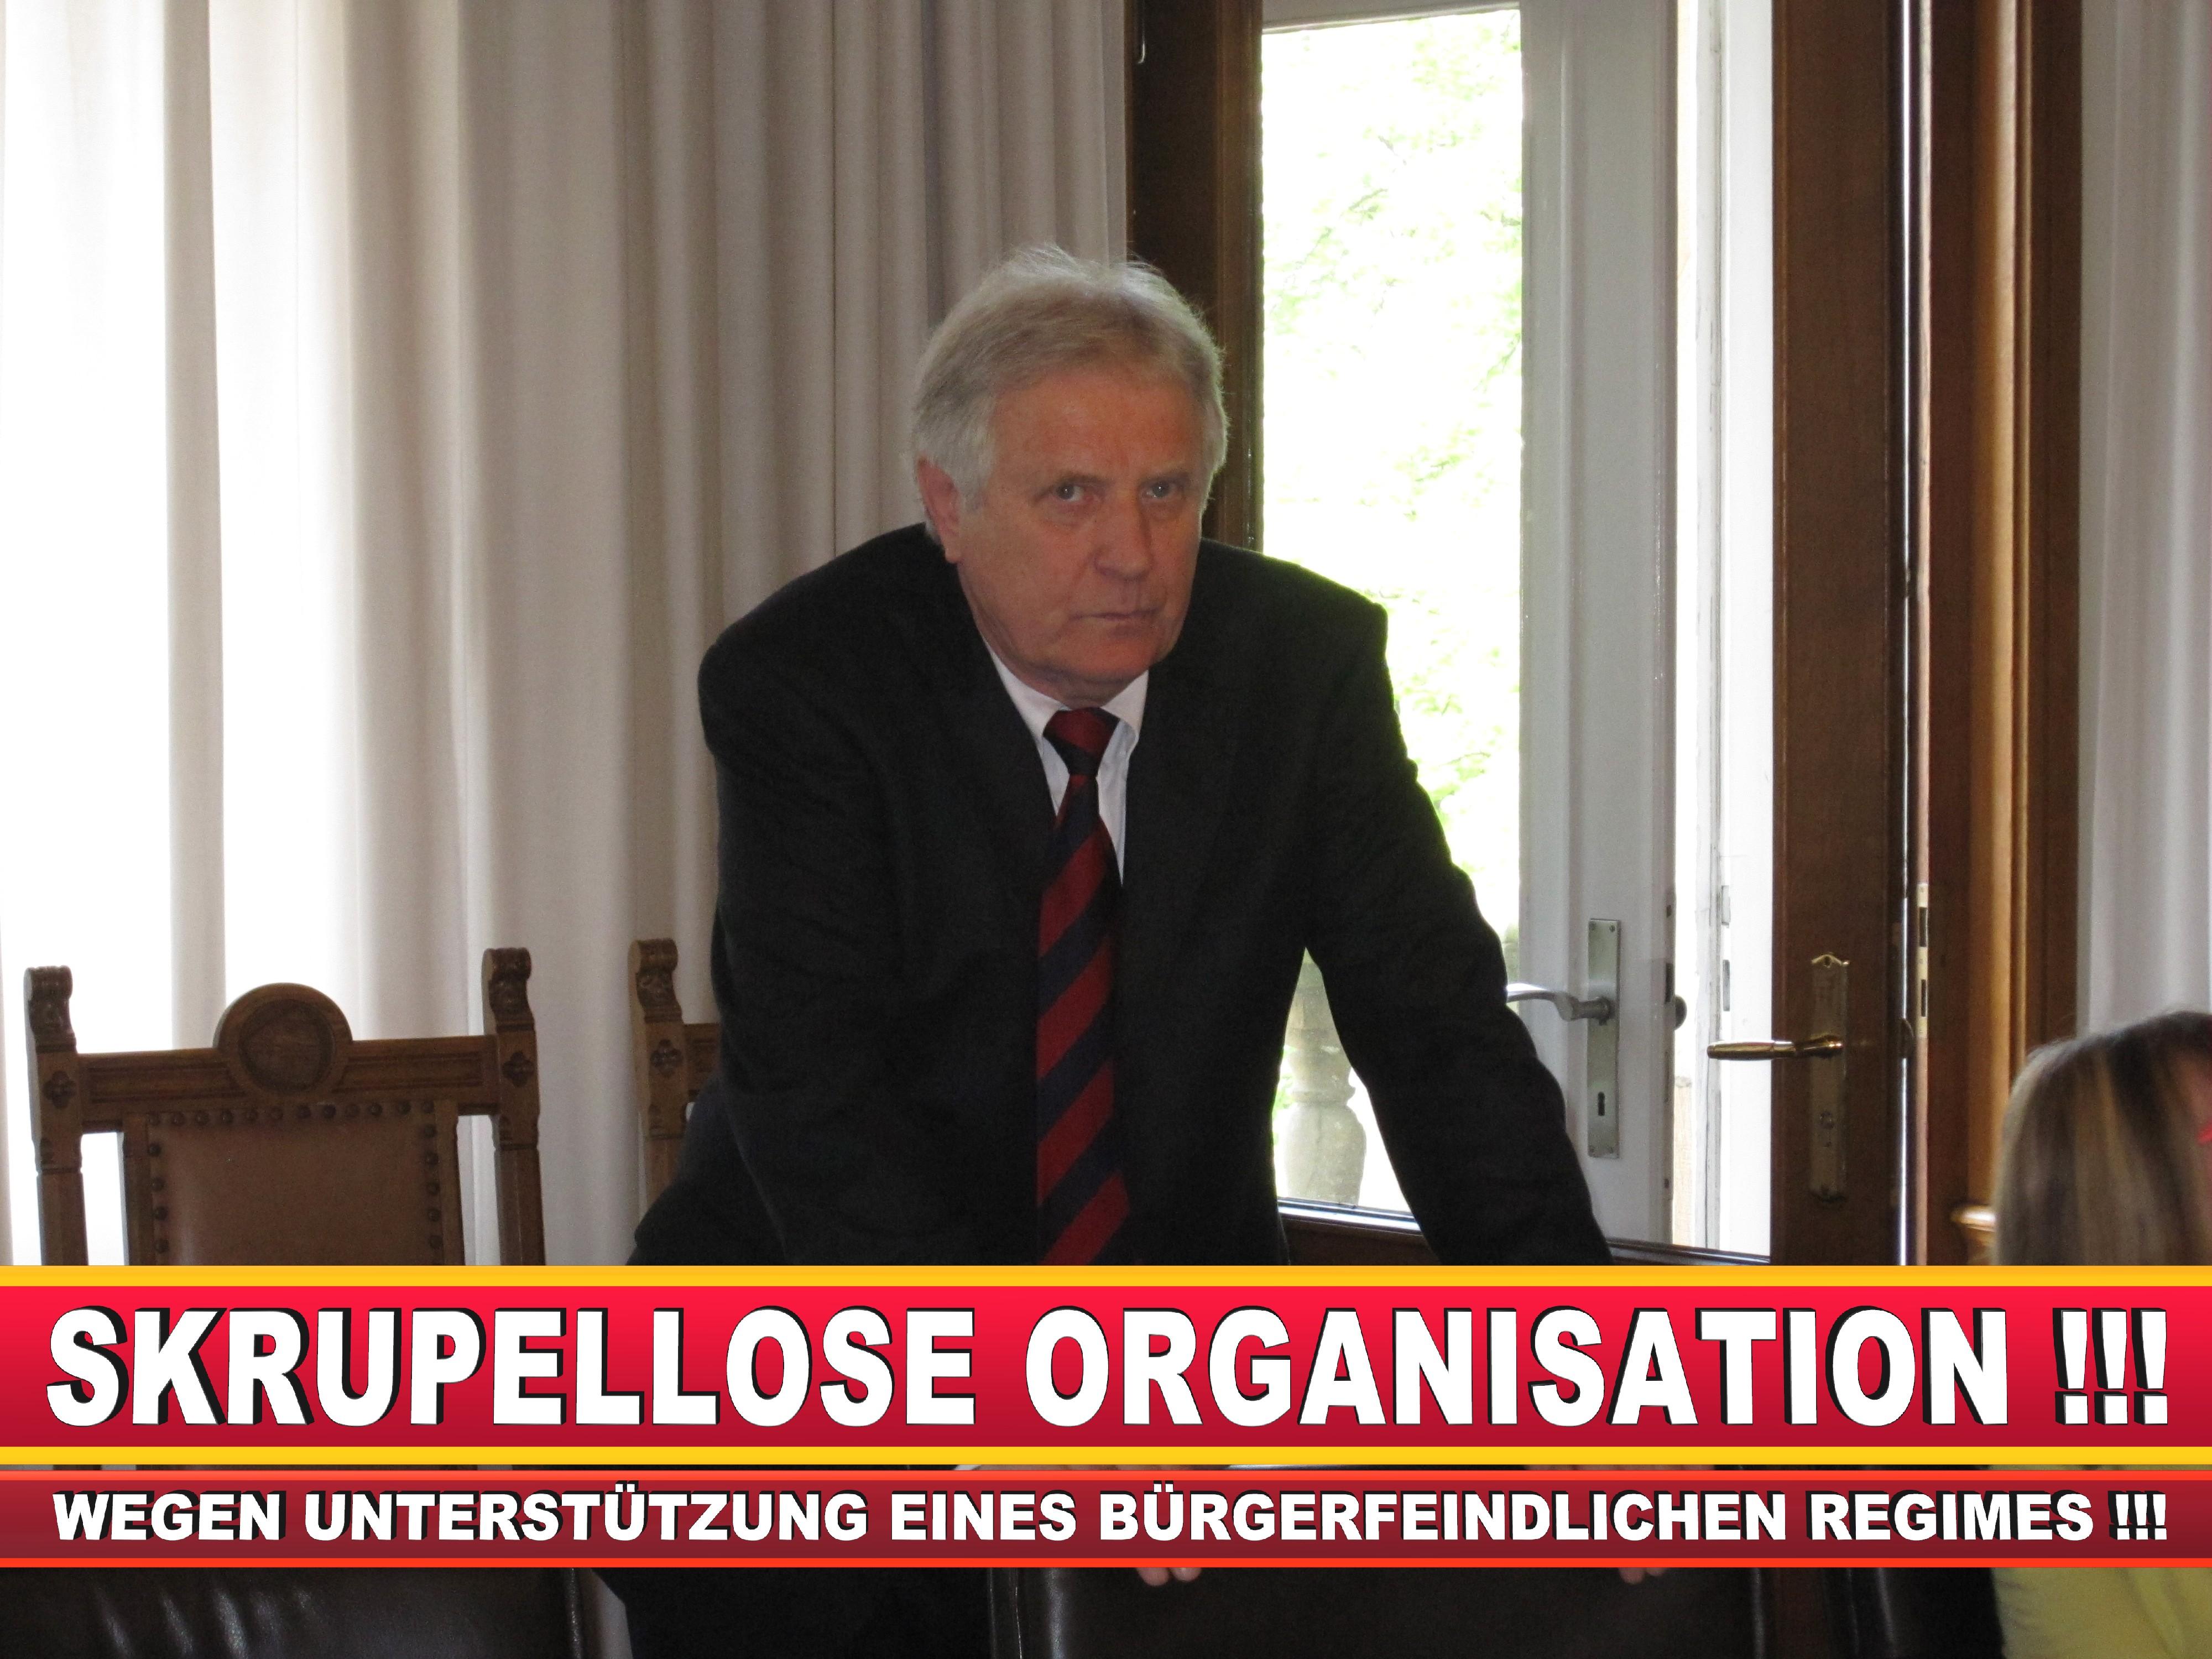 Polizeipräsident Erwin Südfeld Bielefeld Oberbürgermeister Bürgermeister Peter Clausen Pit Clausen Bielefeld (1)